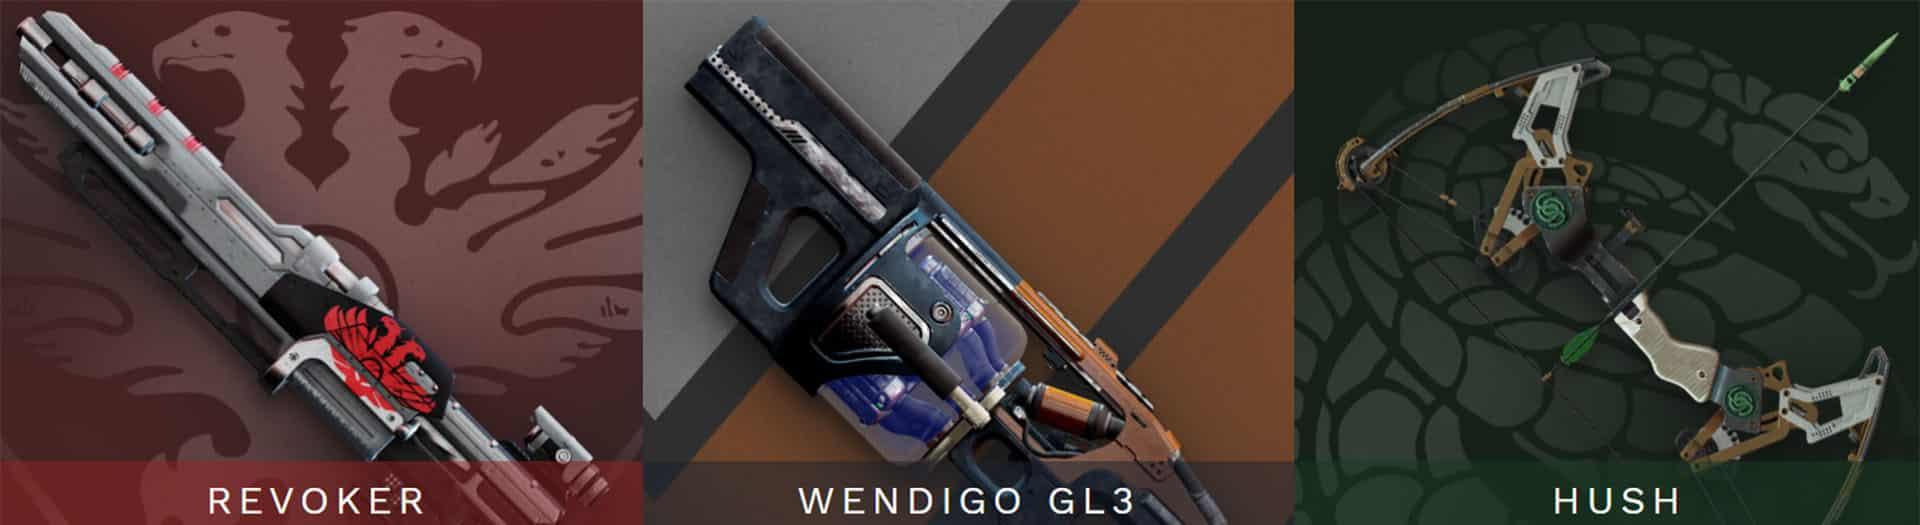 wendigo gl3 carry recov